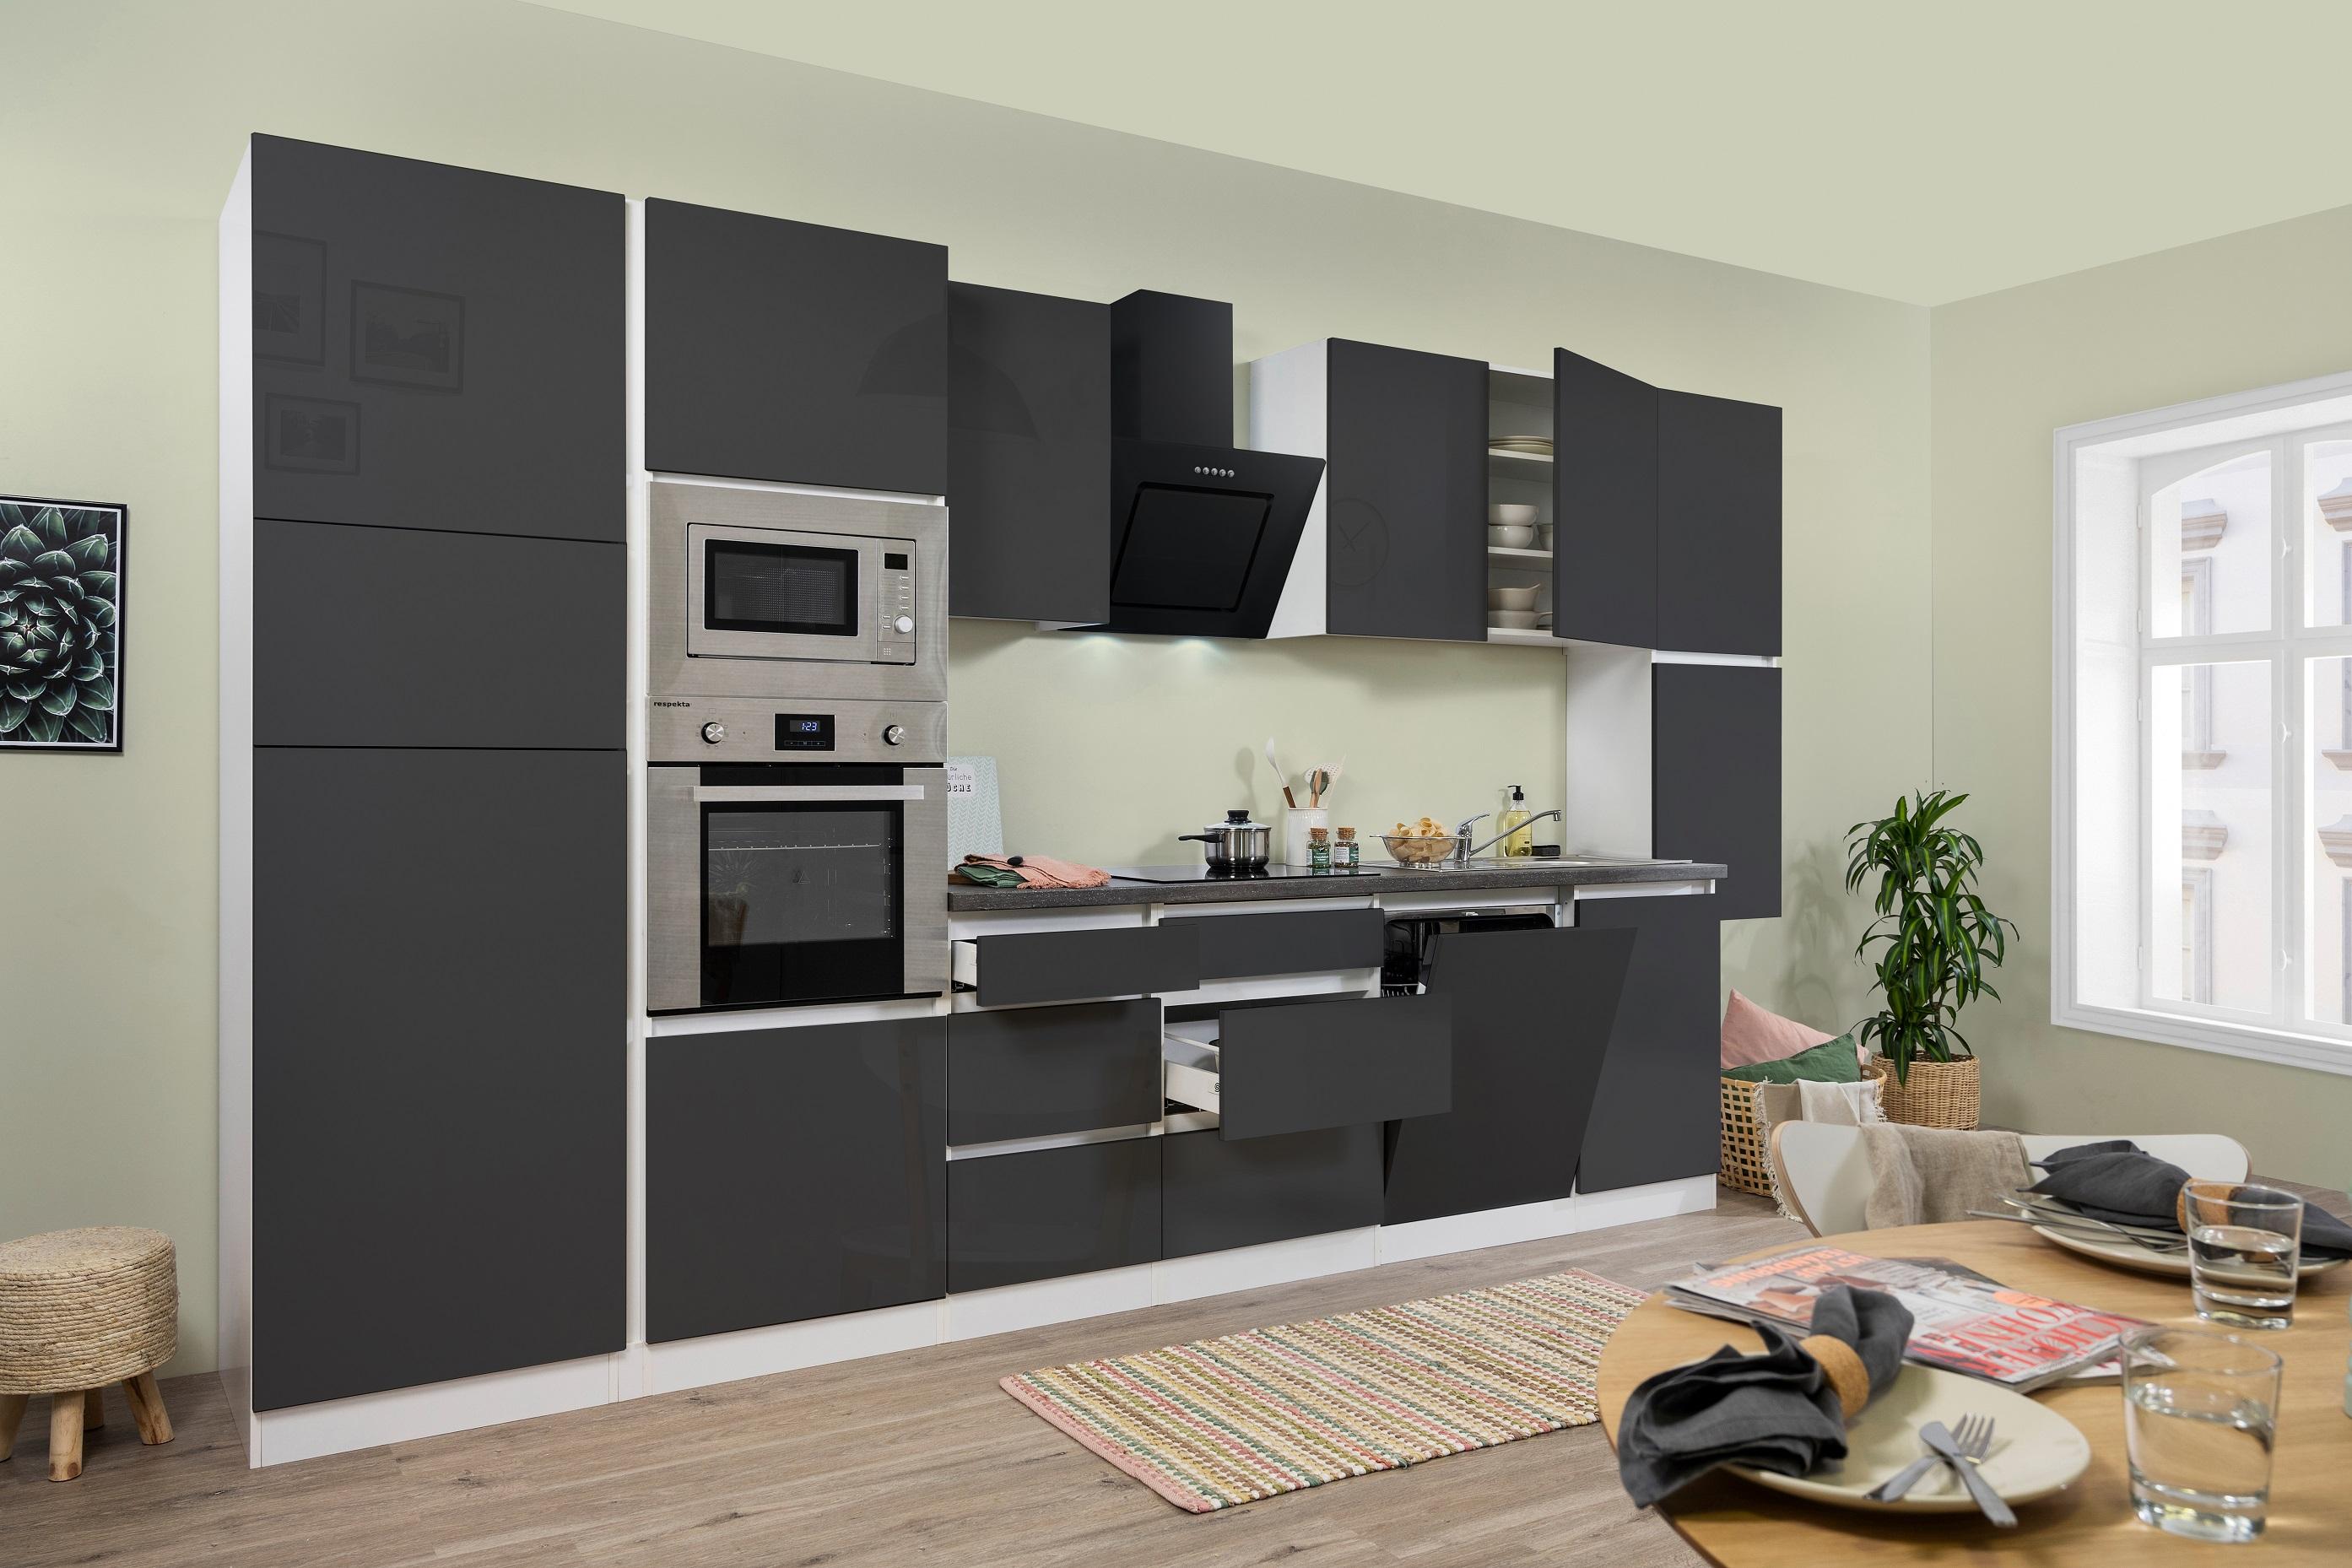 respekta Küchenzeile Küche Küchenblock grifflose Einbauküche 395 cm weiß grau